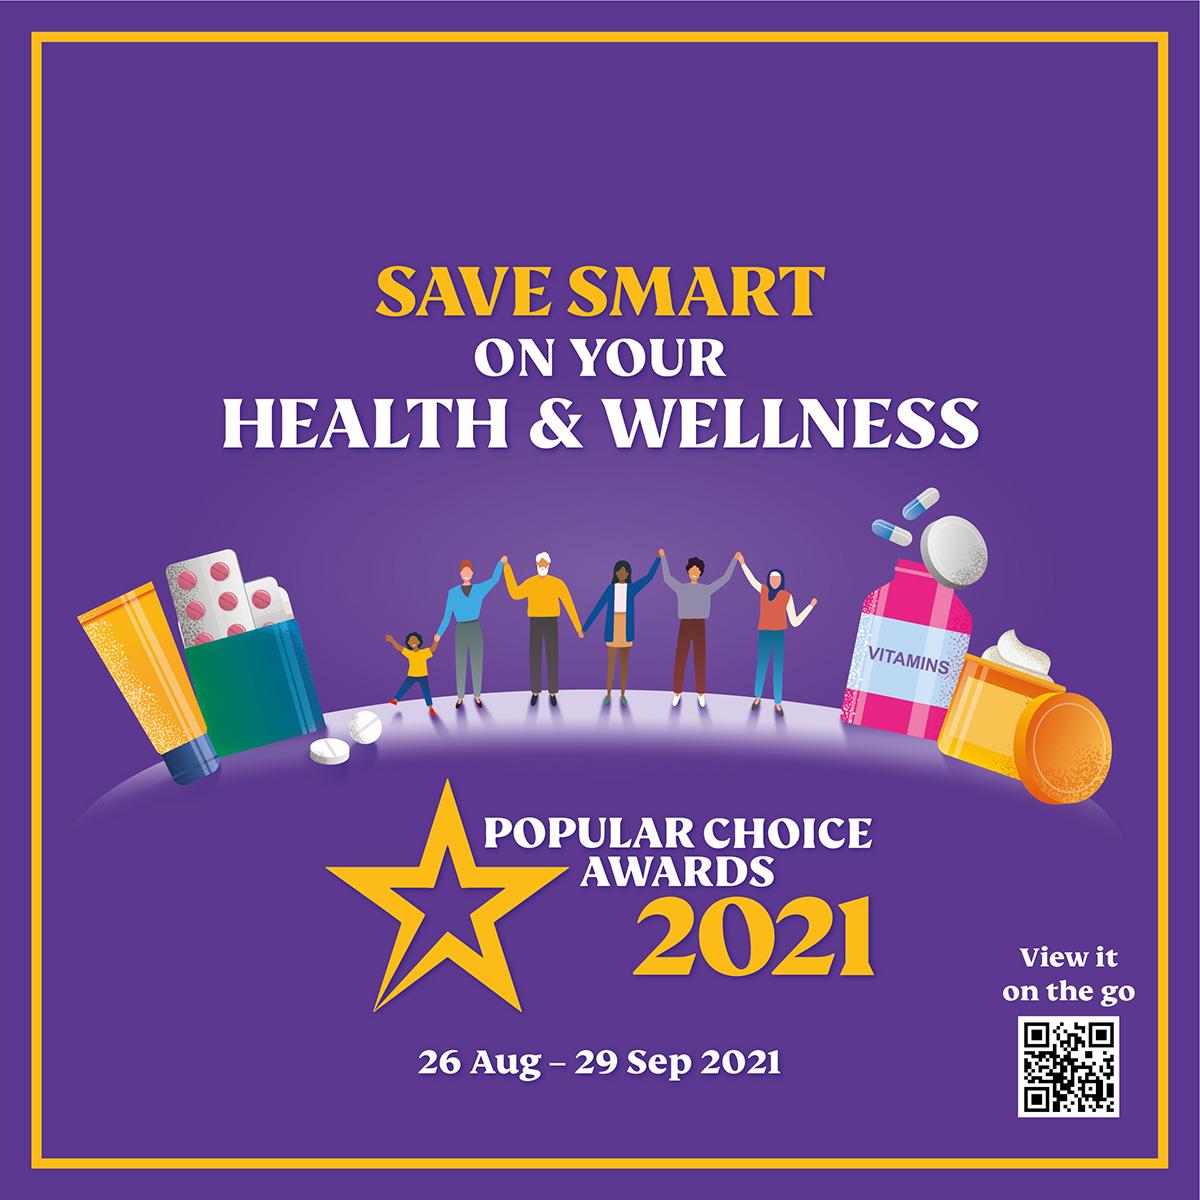 2021 Aug 26 – UPCA